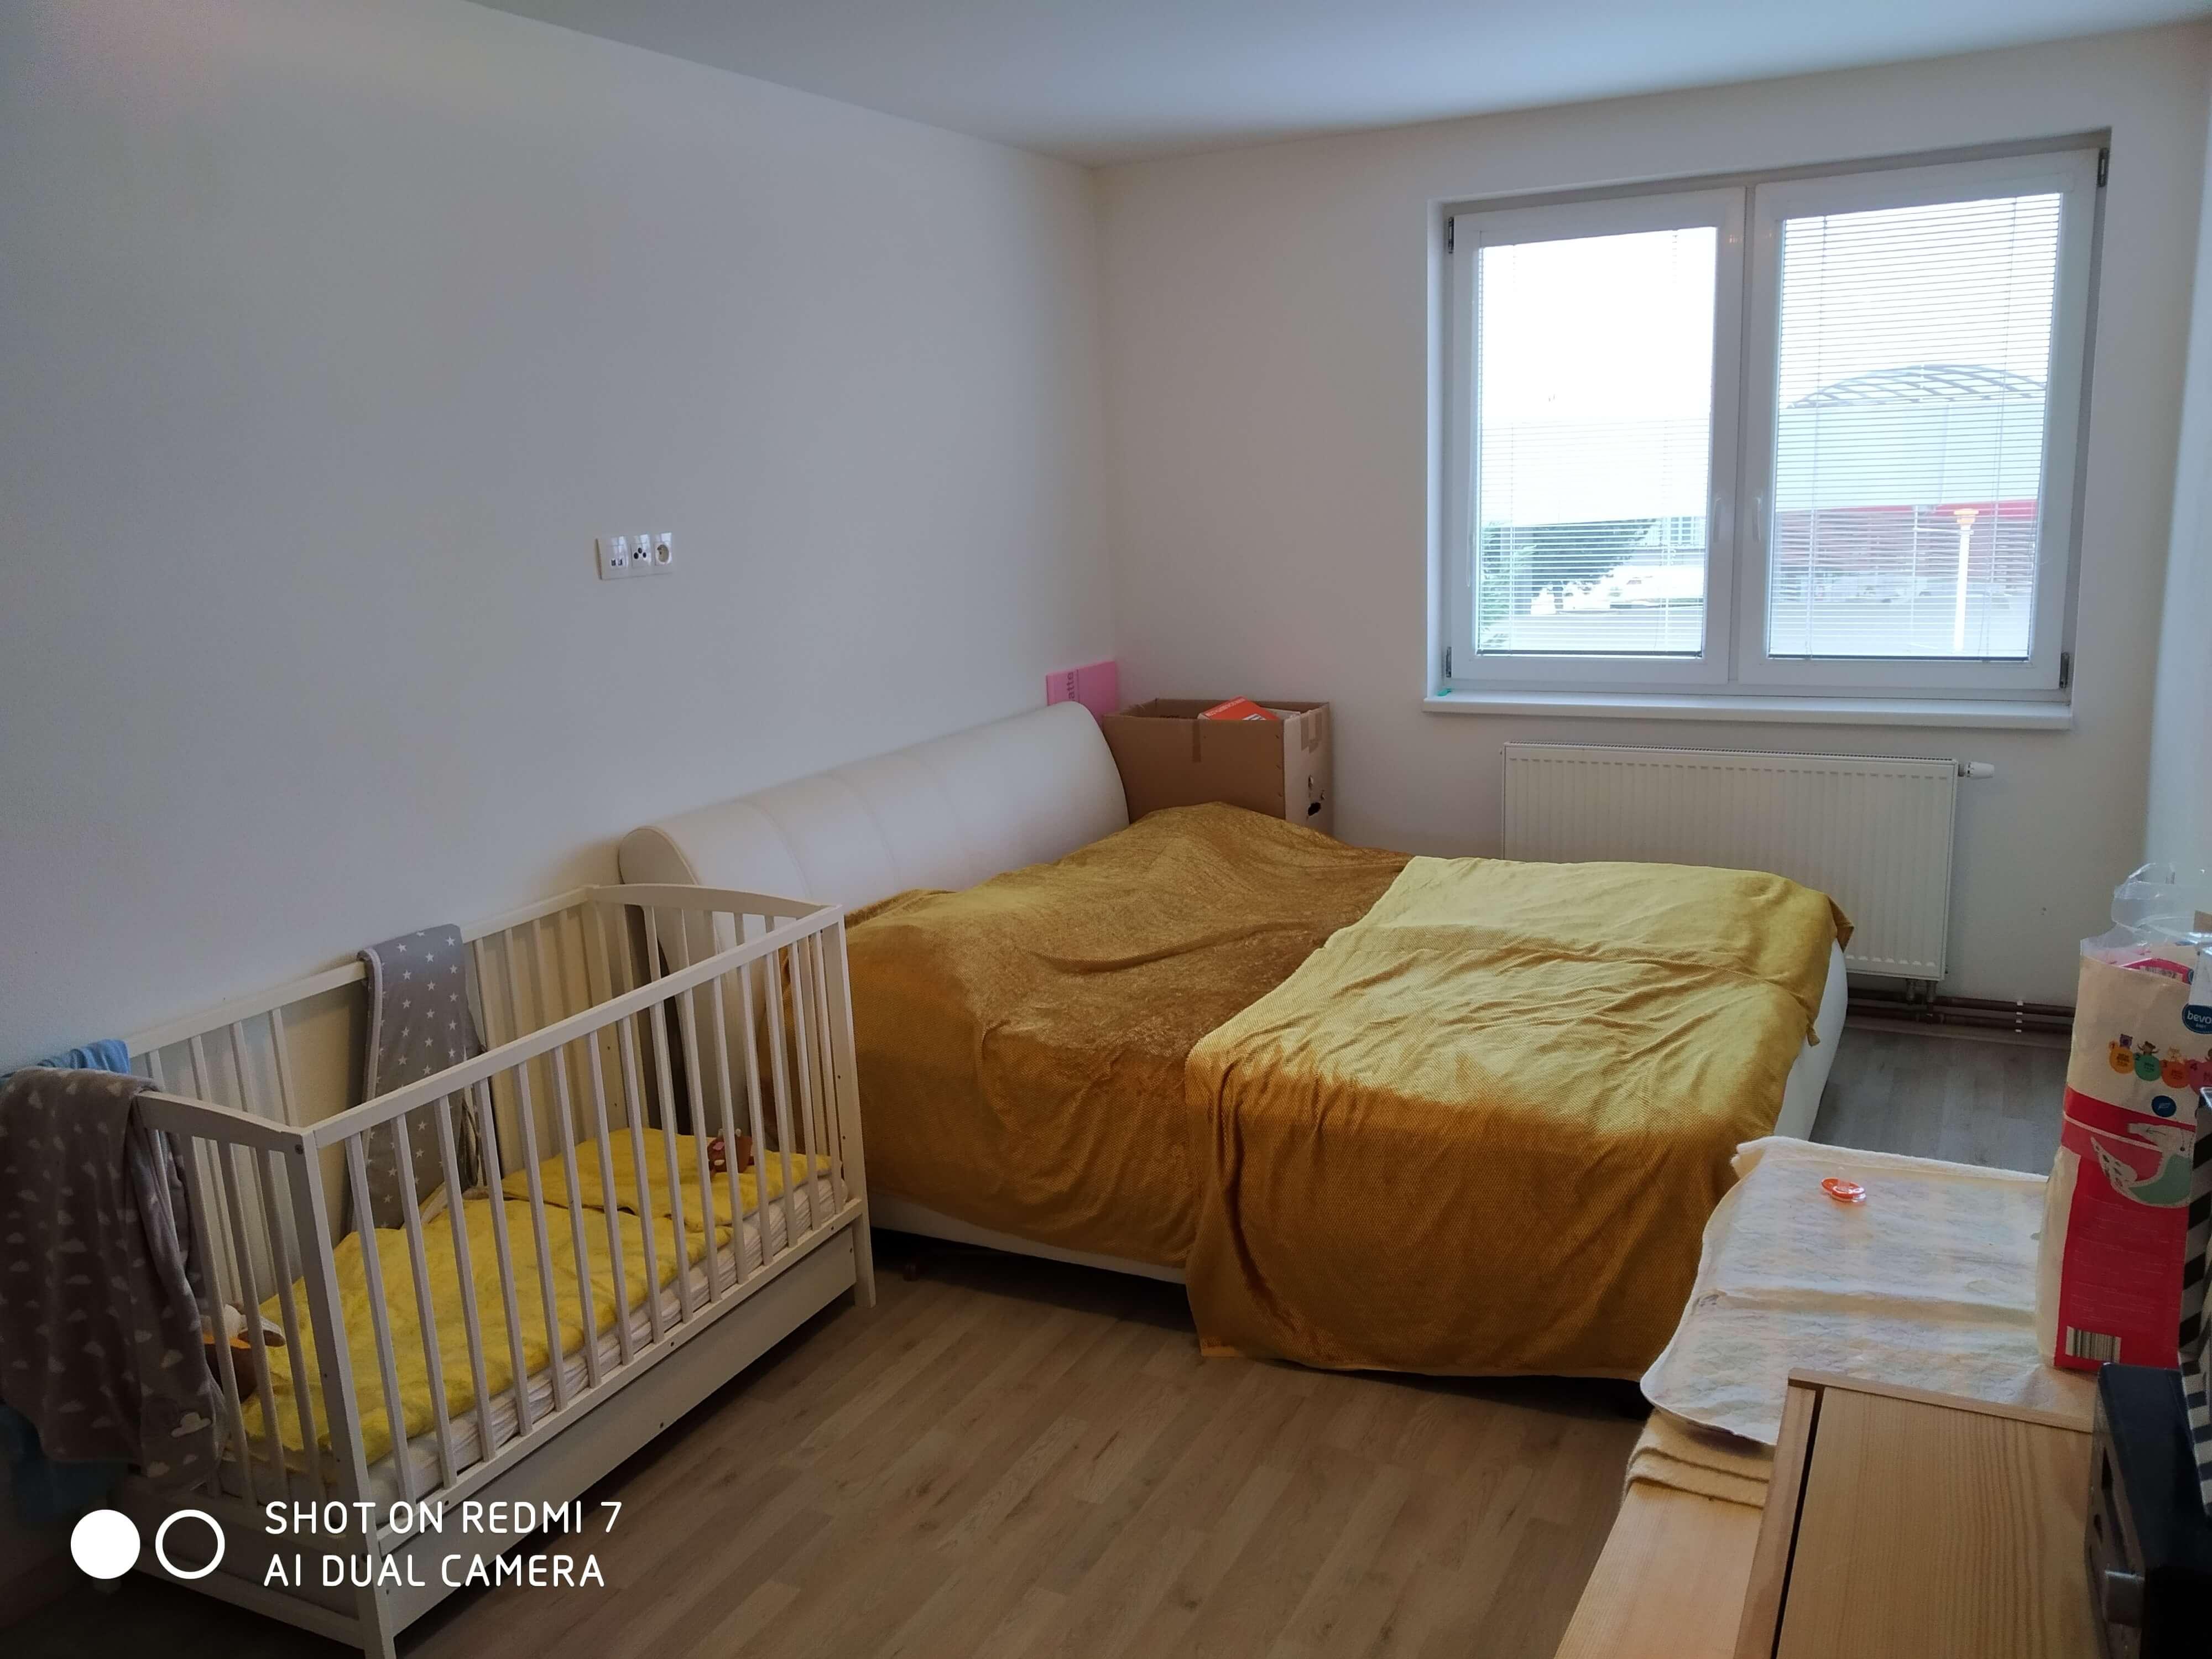 Prenajaté: Prenájom 2 izb. byt, Luxusne zariadeny, v tichej lokalite, Brnianska 4, nad Farbičkou, Malacky,-12